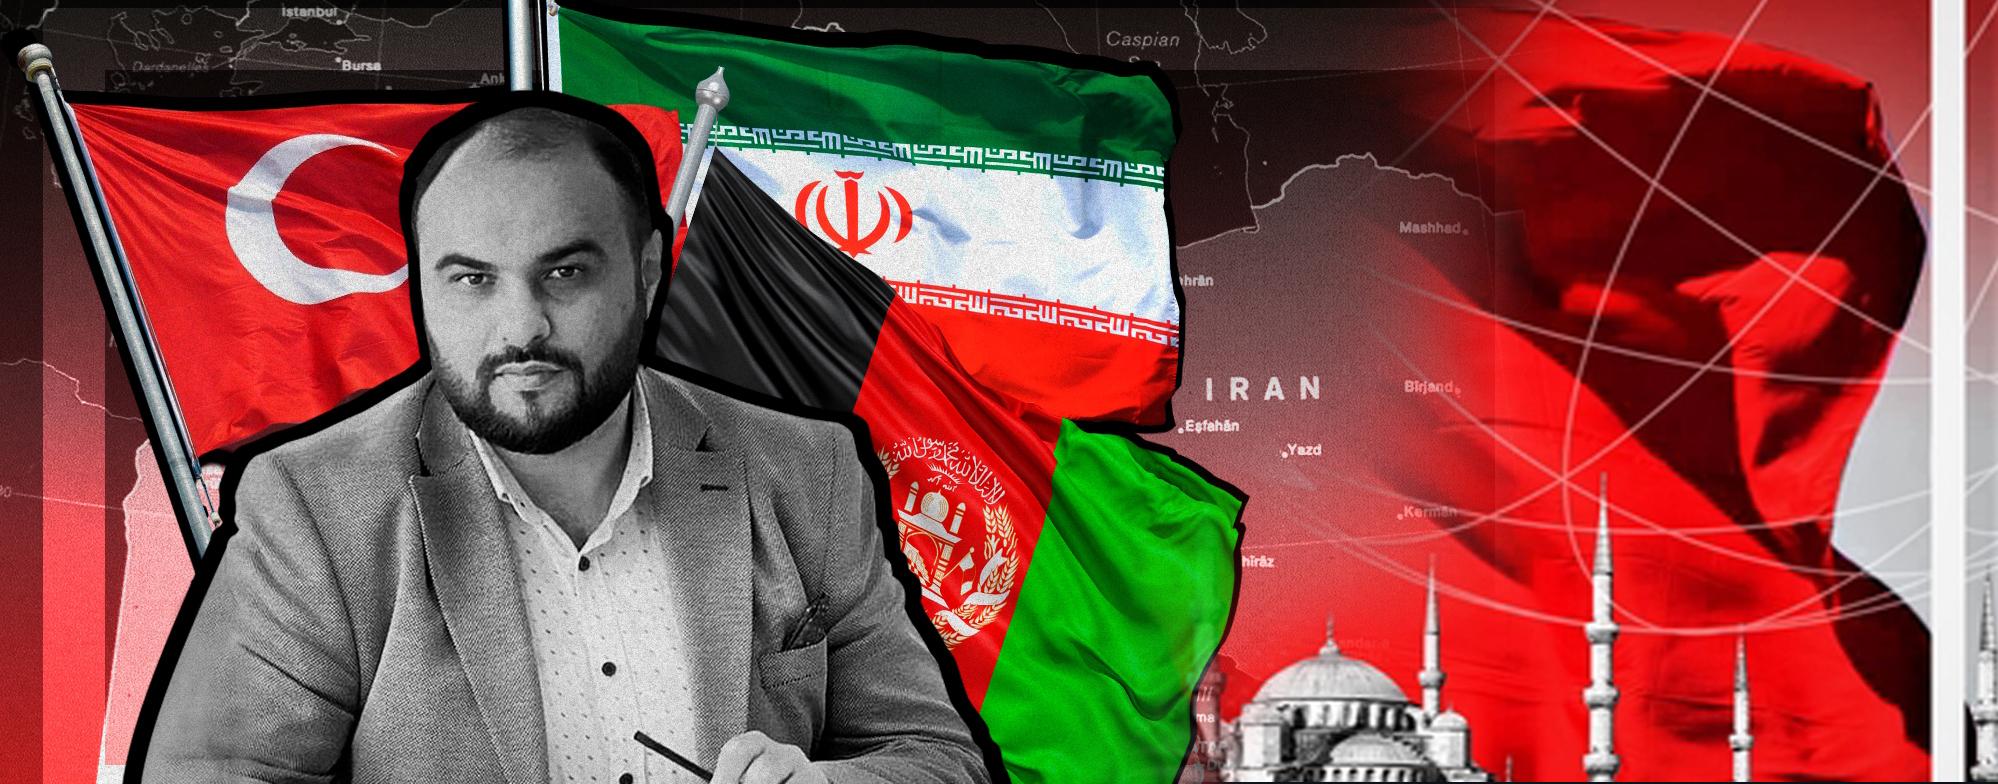 Власть «Талибана» в Афганистане грозит серьезными проблемами для Ирана